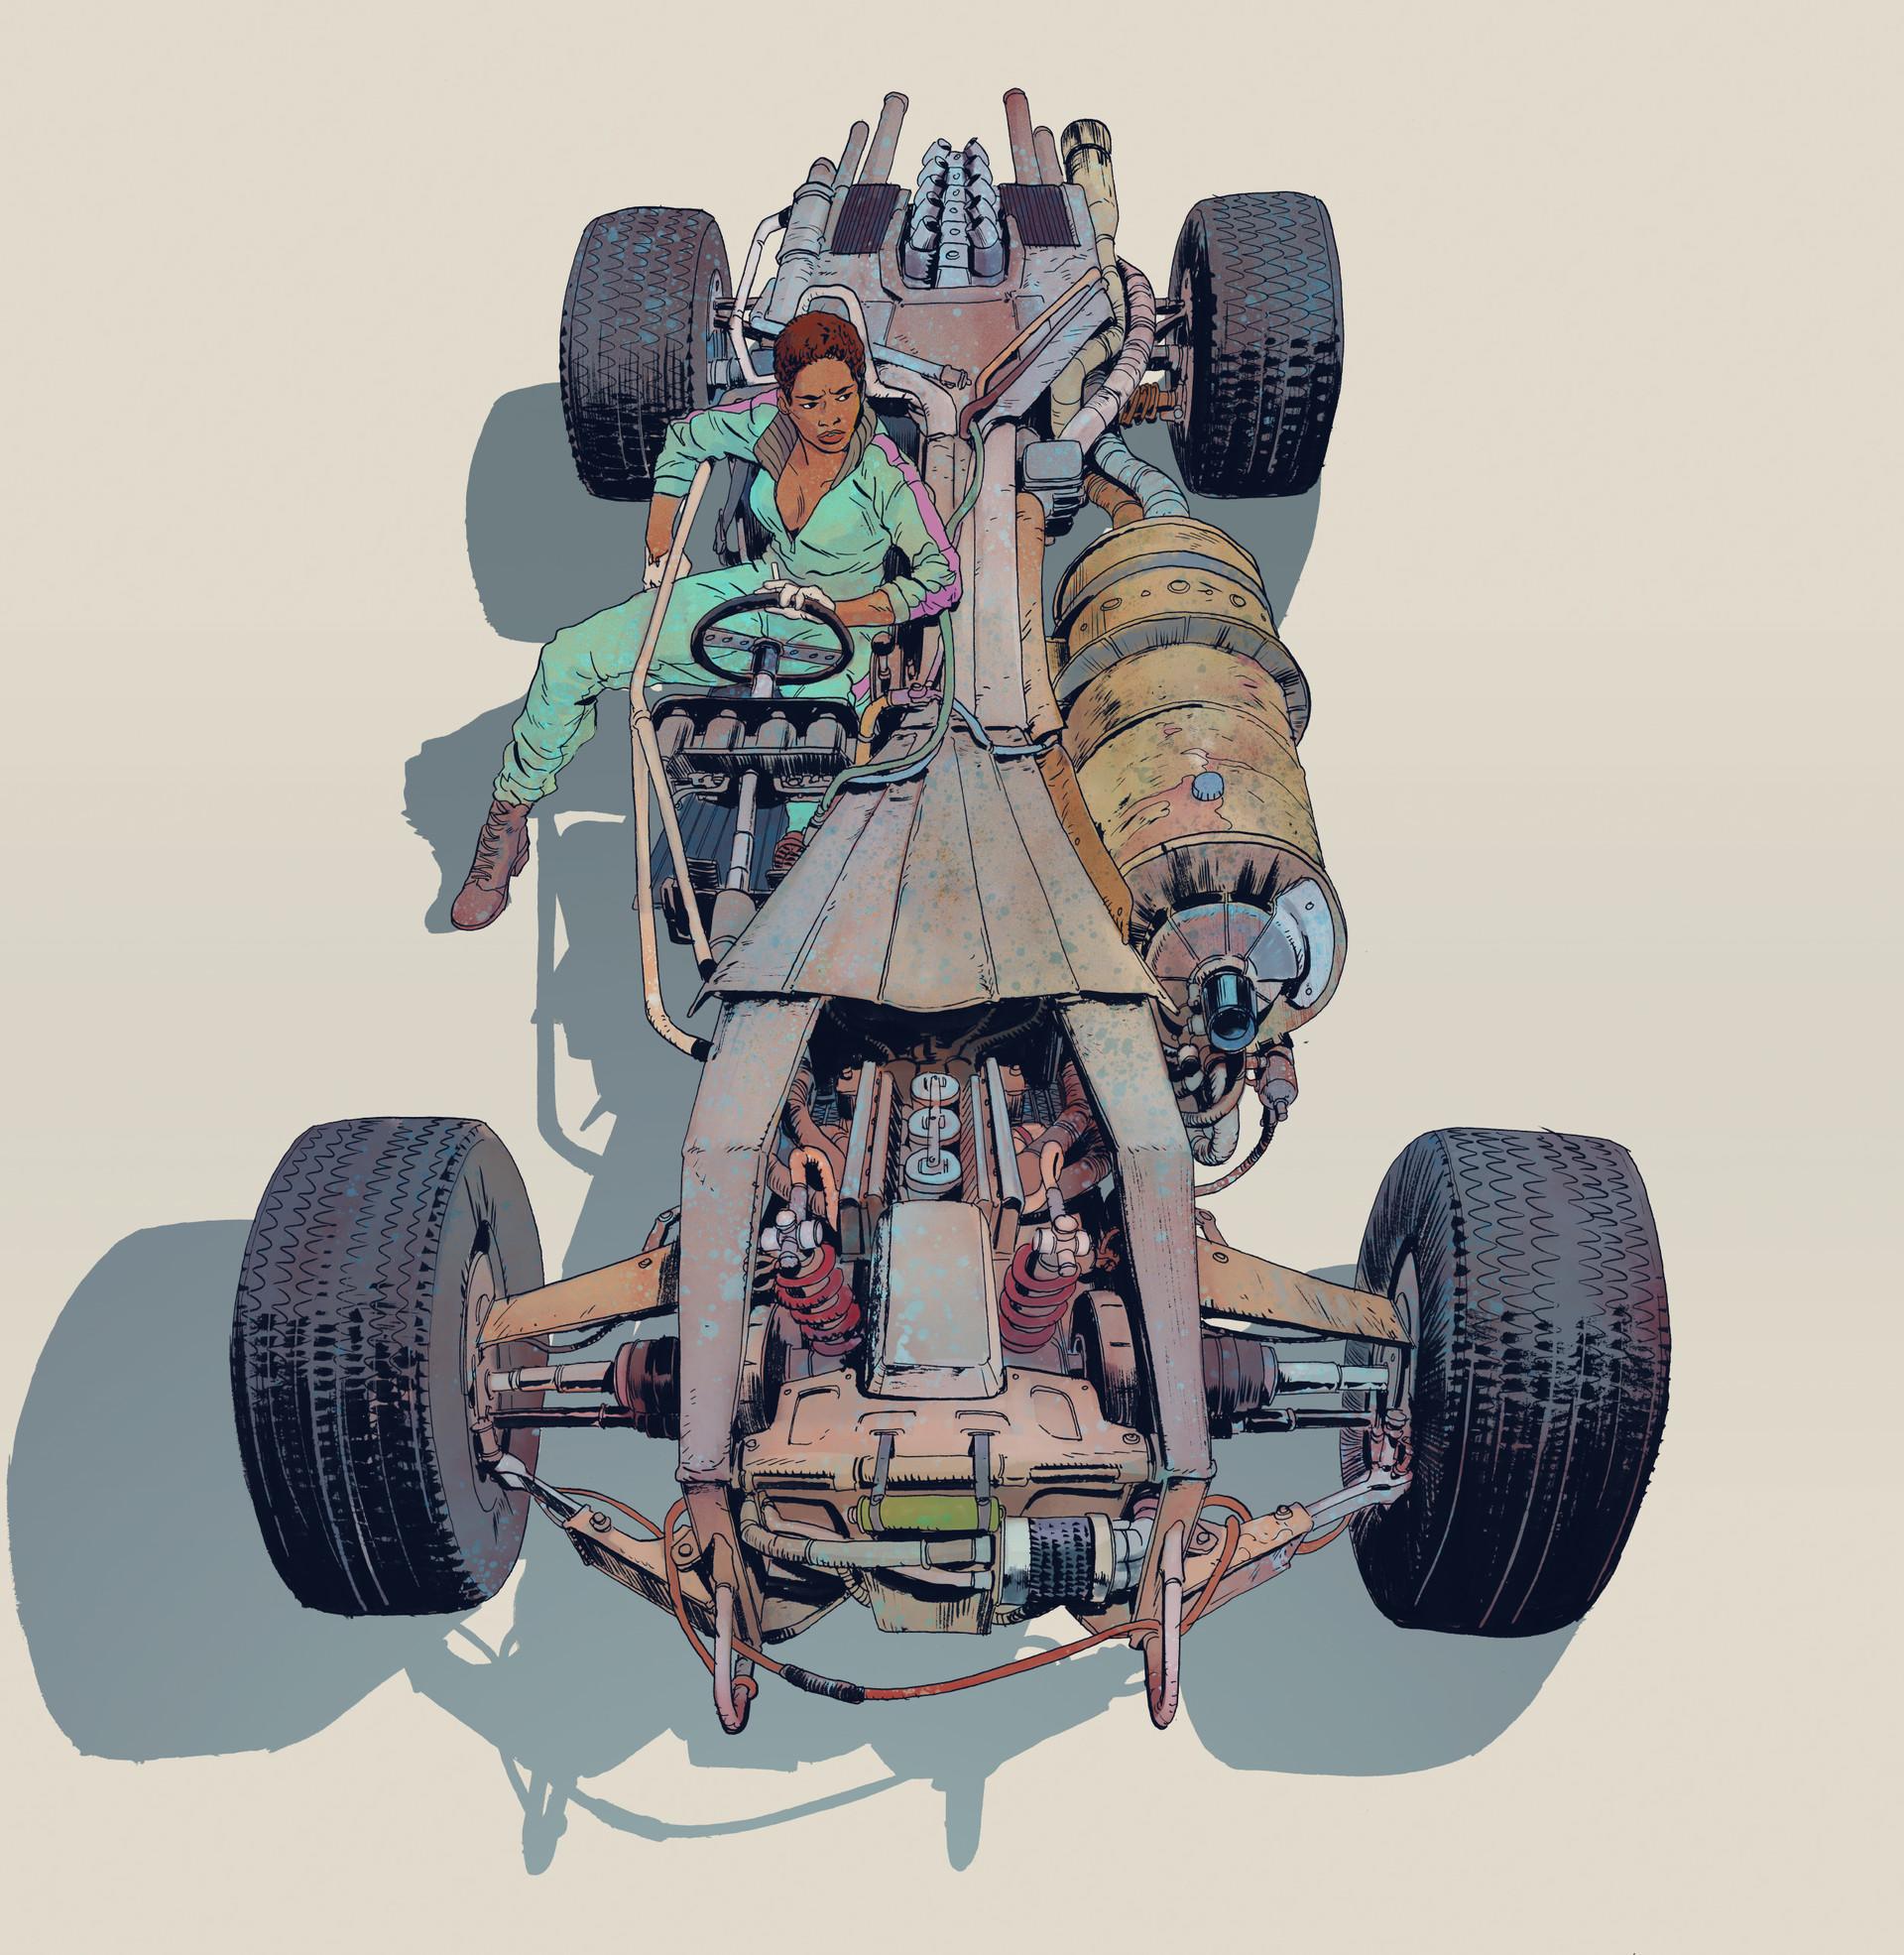 robert-sammelin-racer.jpg